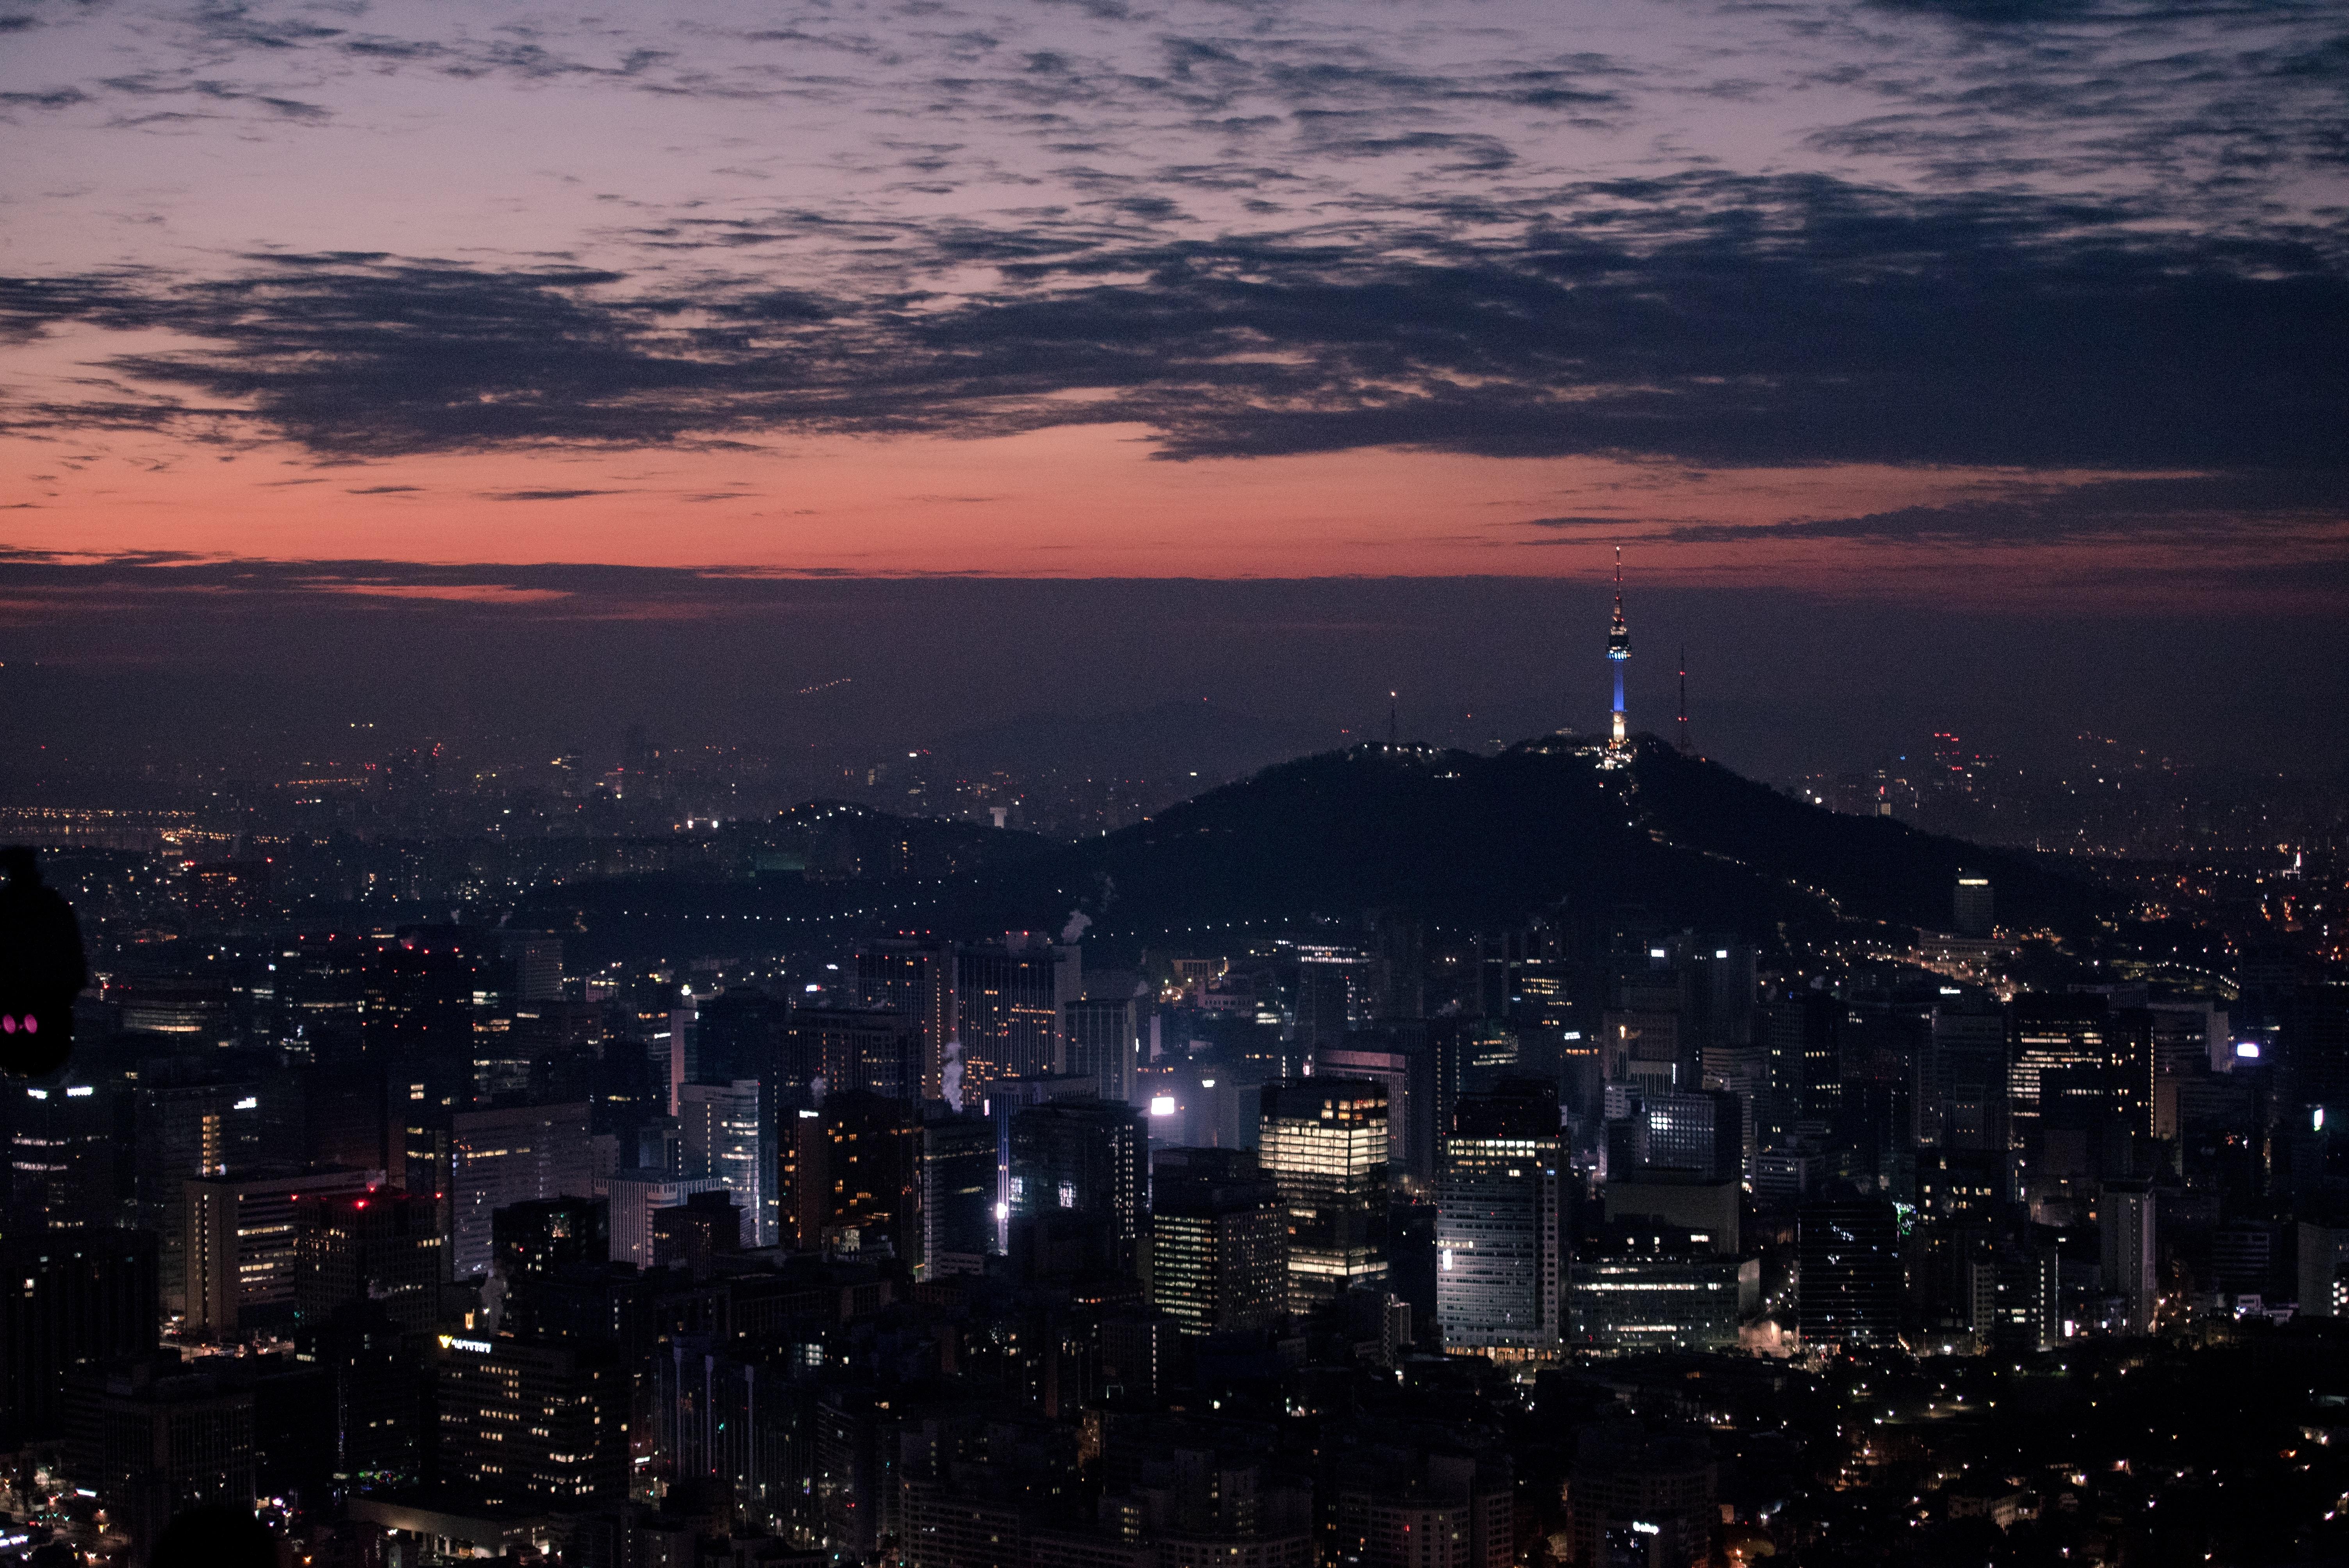 Seoul, my soul - avagy a koreai kultúra az életem része lett